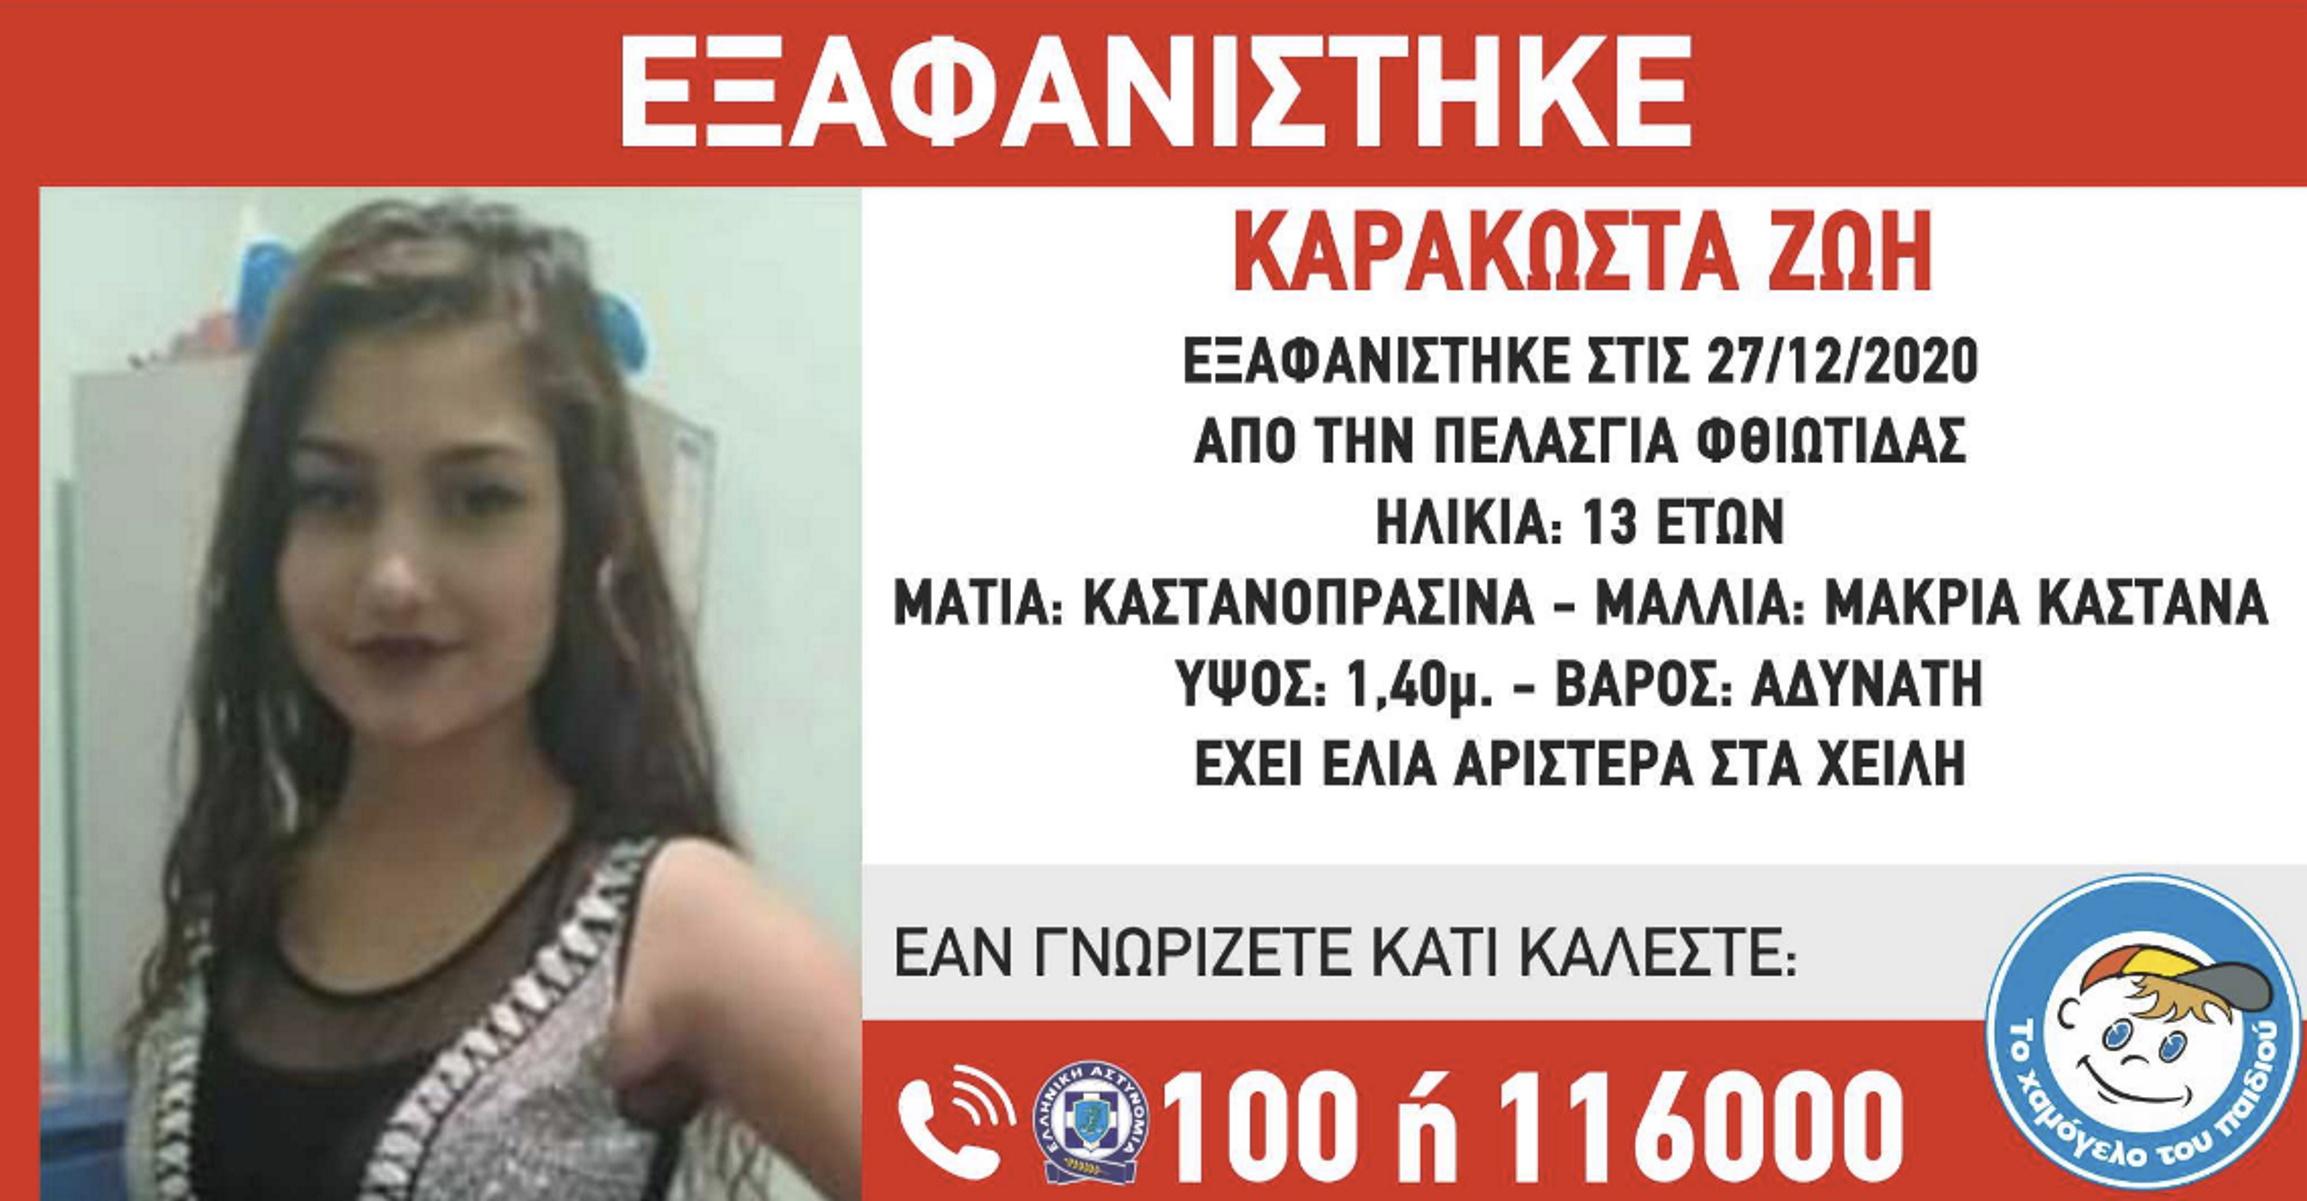 Εξαφανίστηκε 13χρονη από την Πελασγία Φθιώτιδας